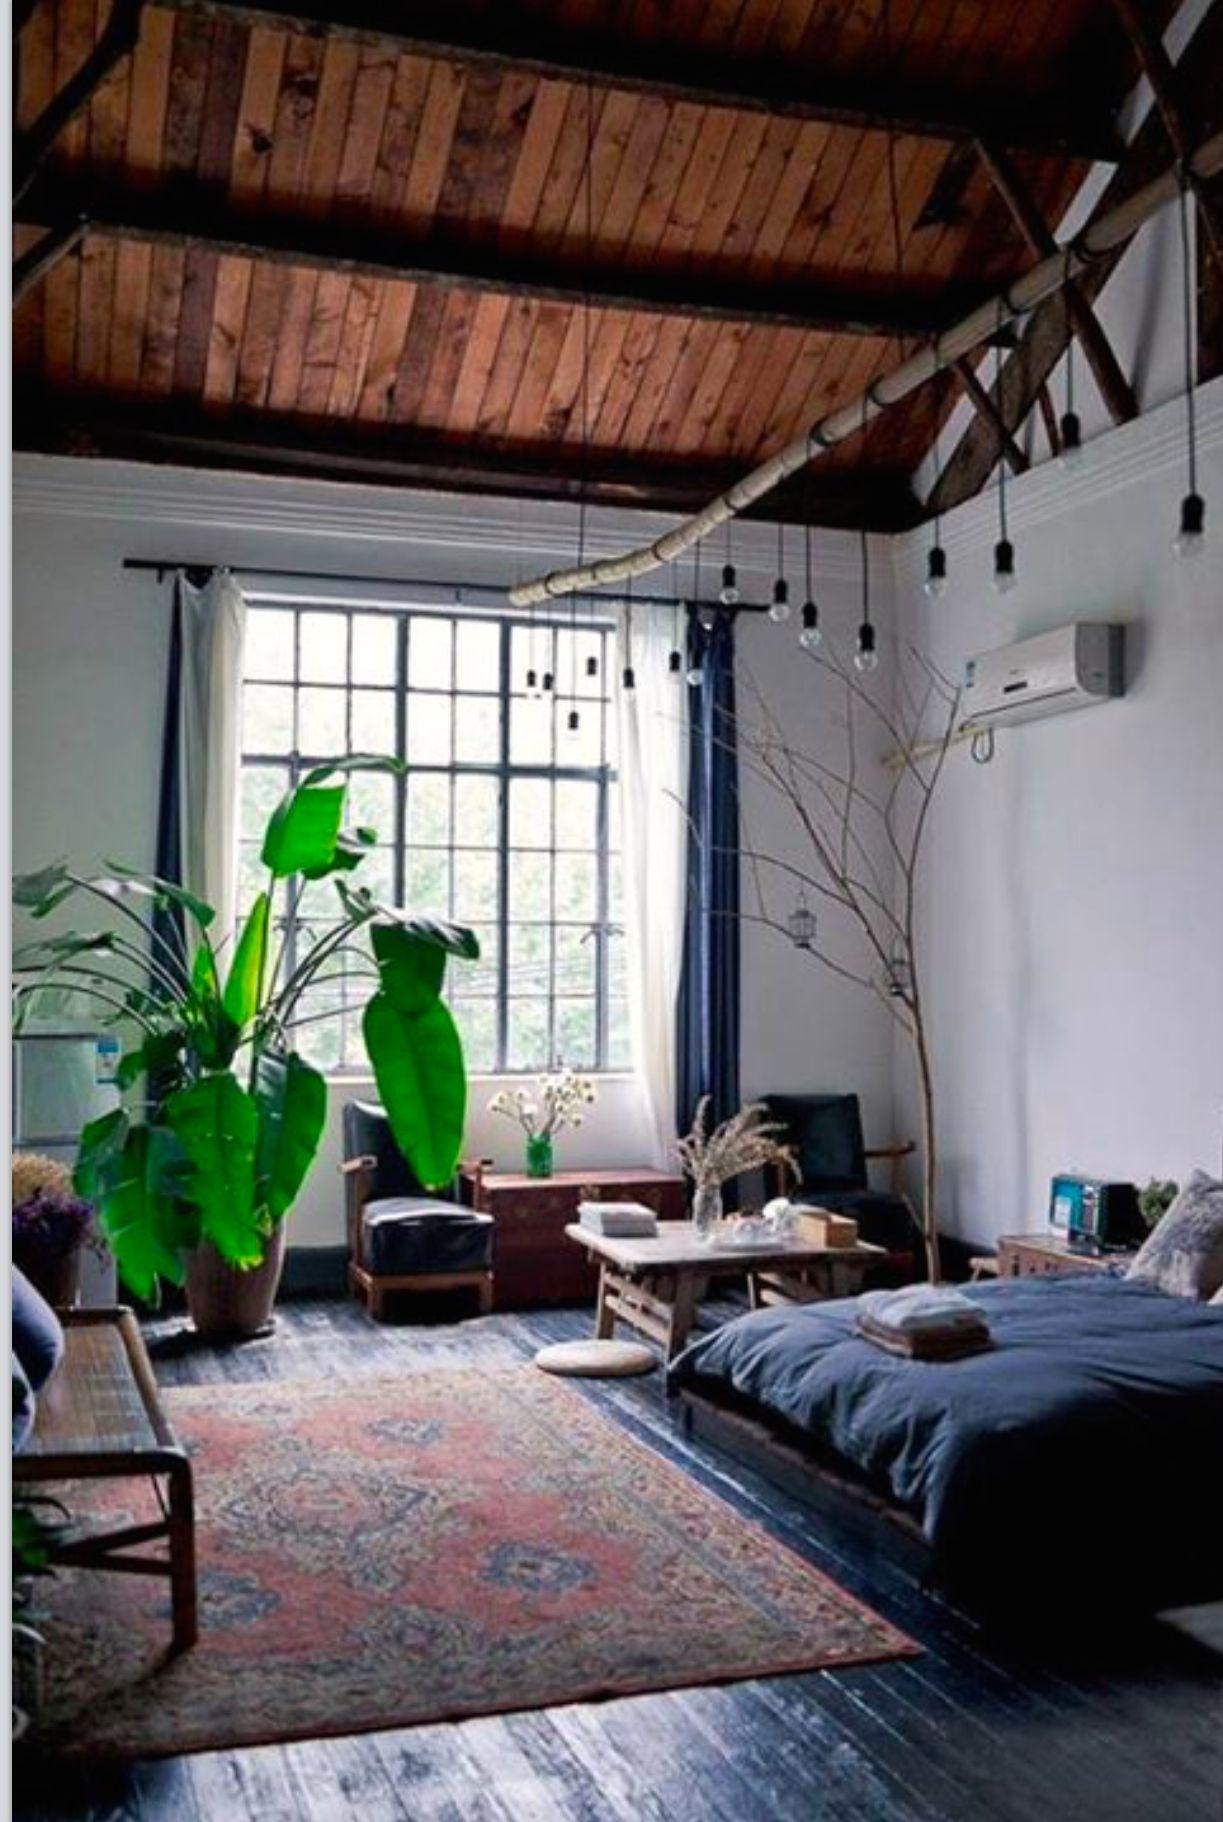 love the minimal room style